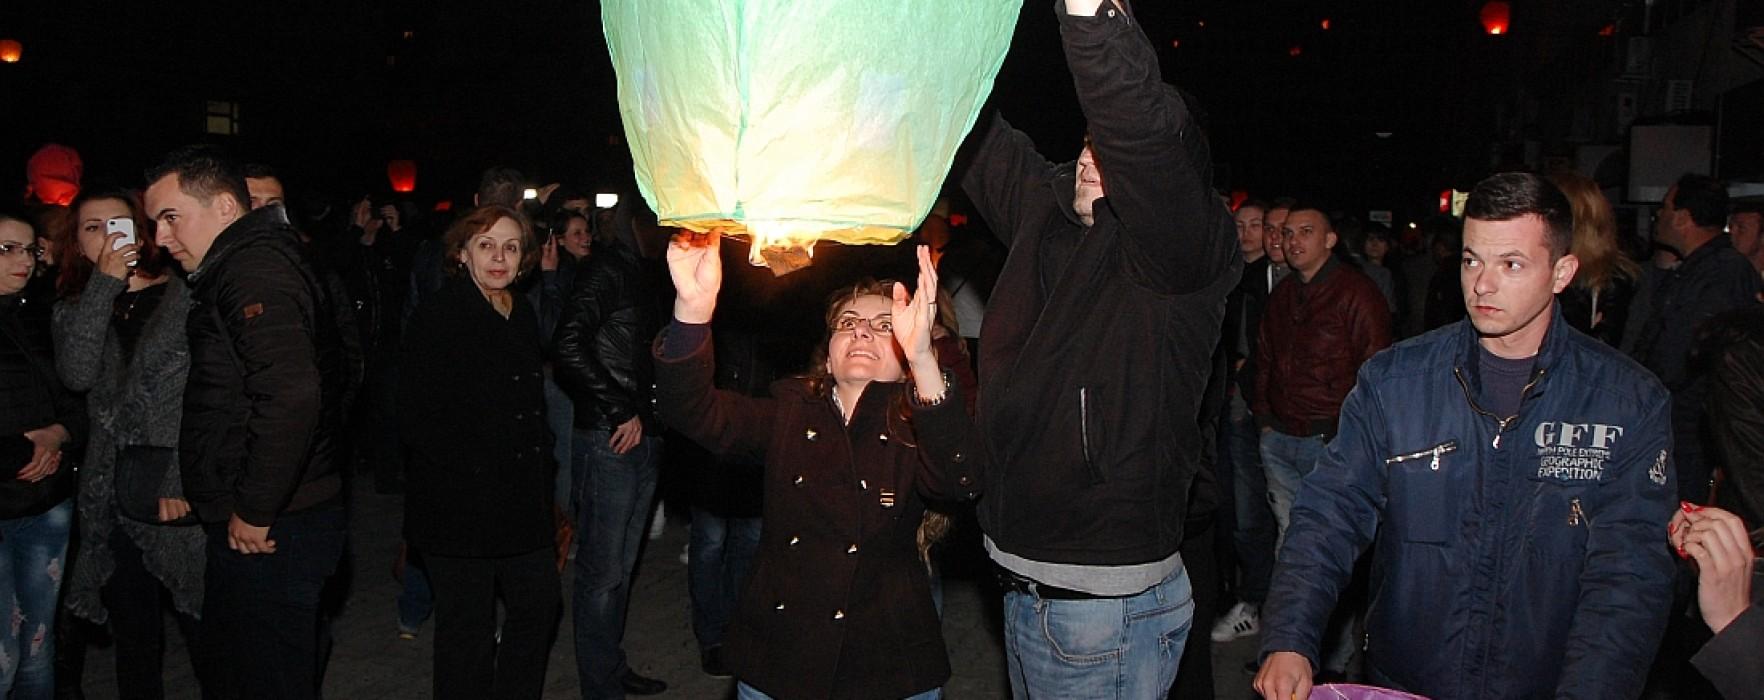 2014 lampioane, lansate la Târgovişte pentru a marca Ora Pământului (foto)